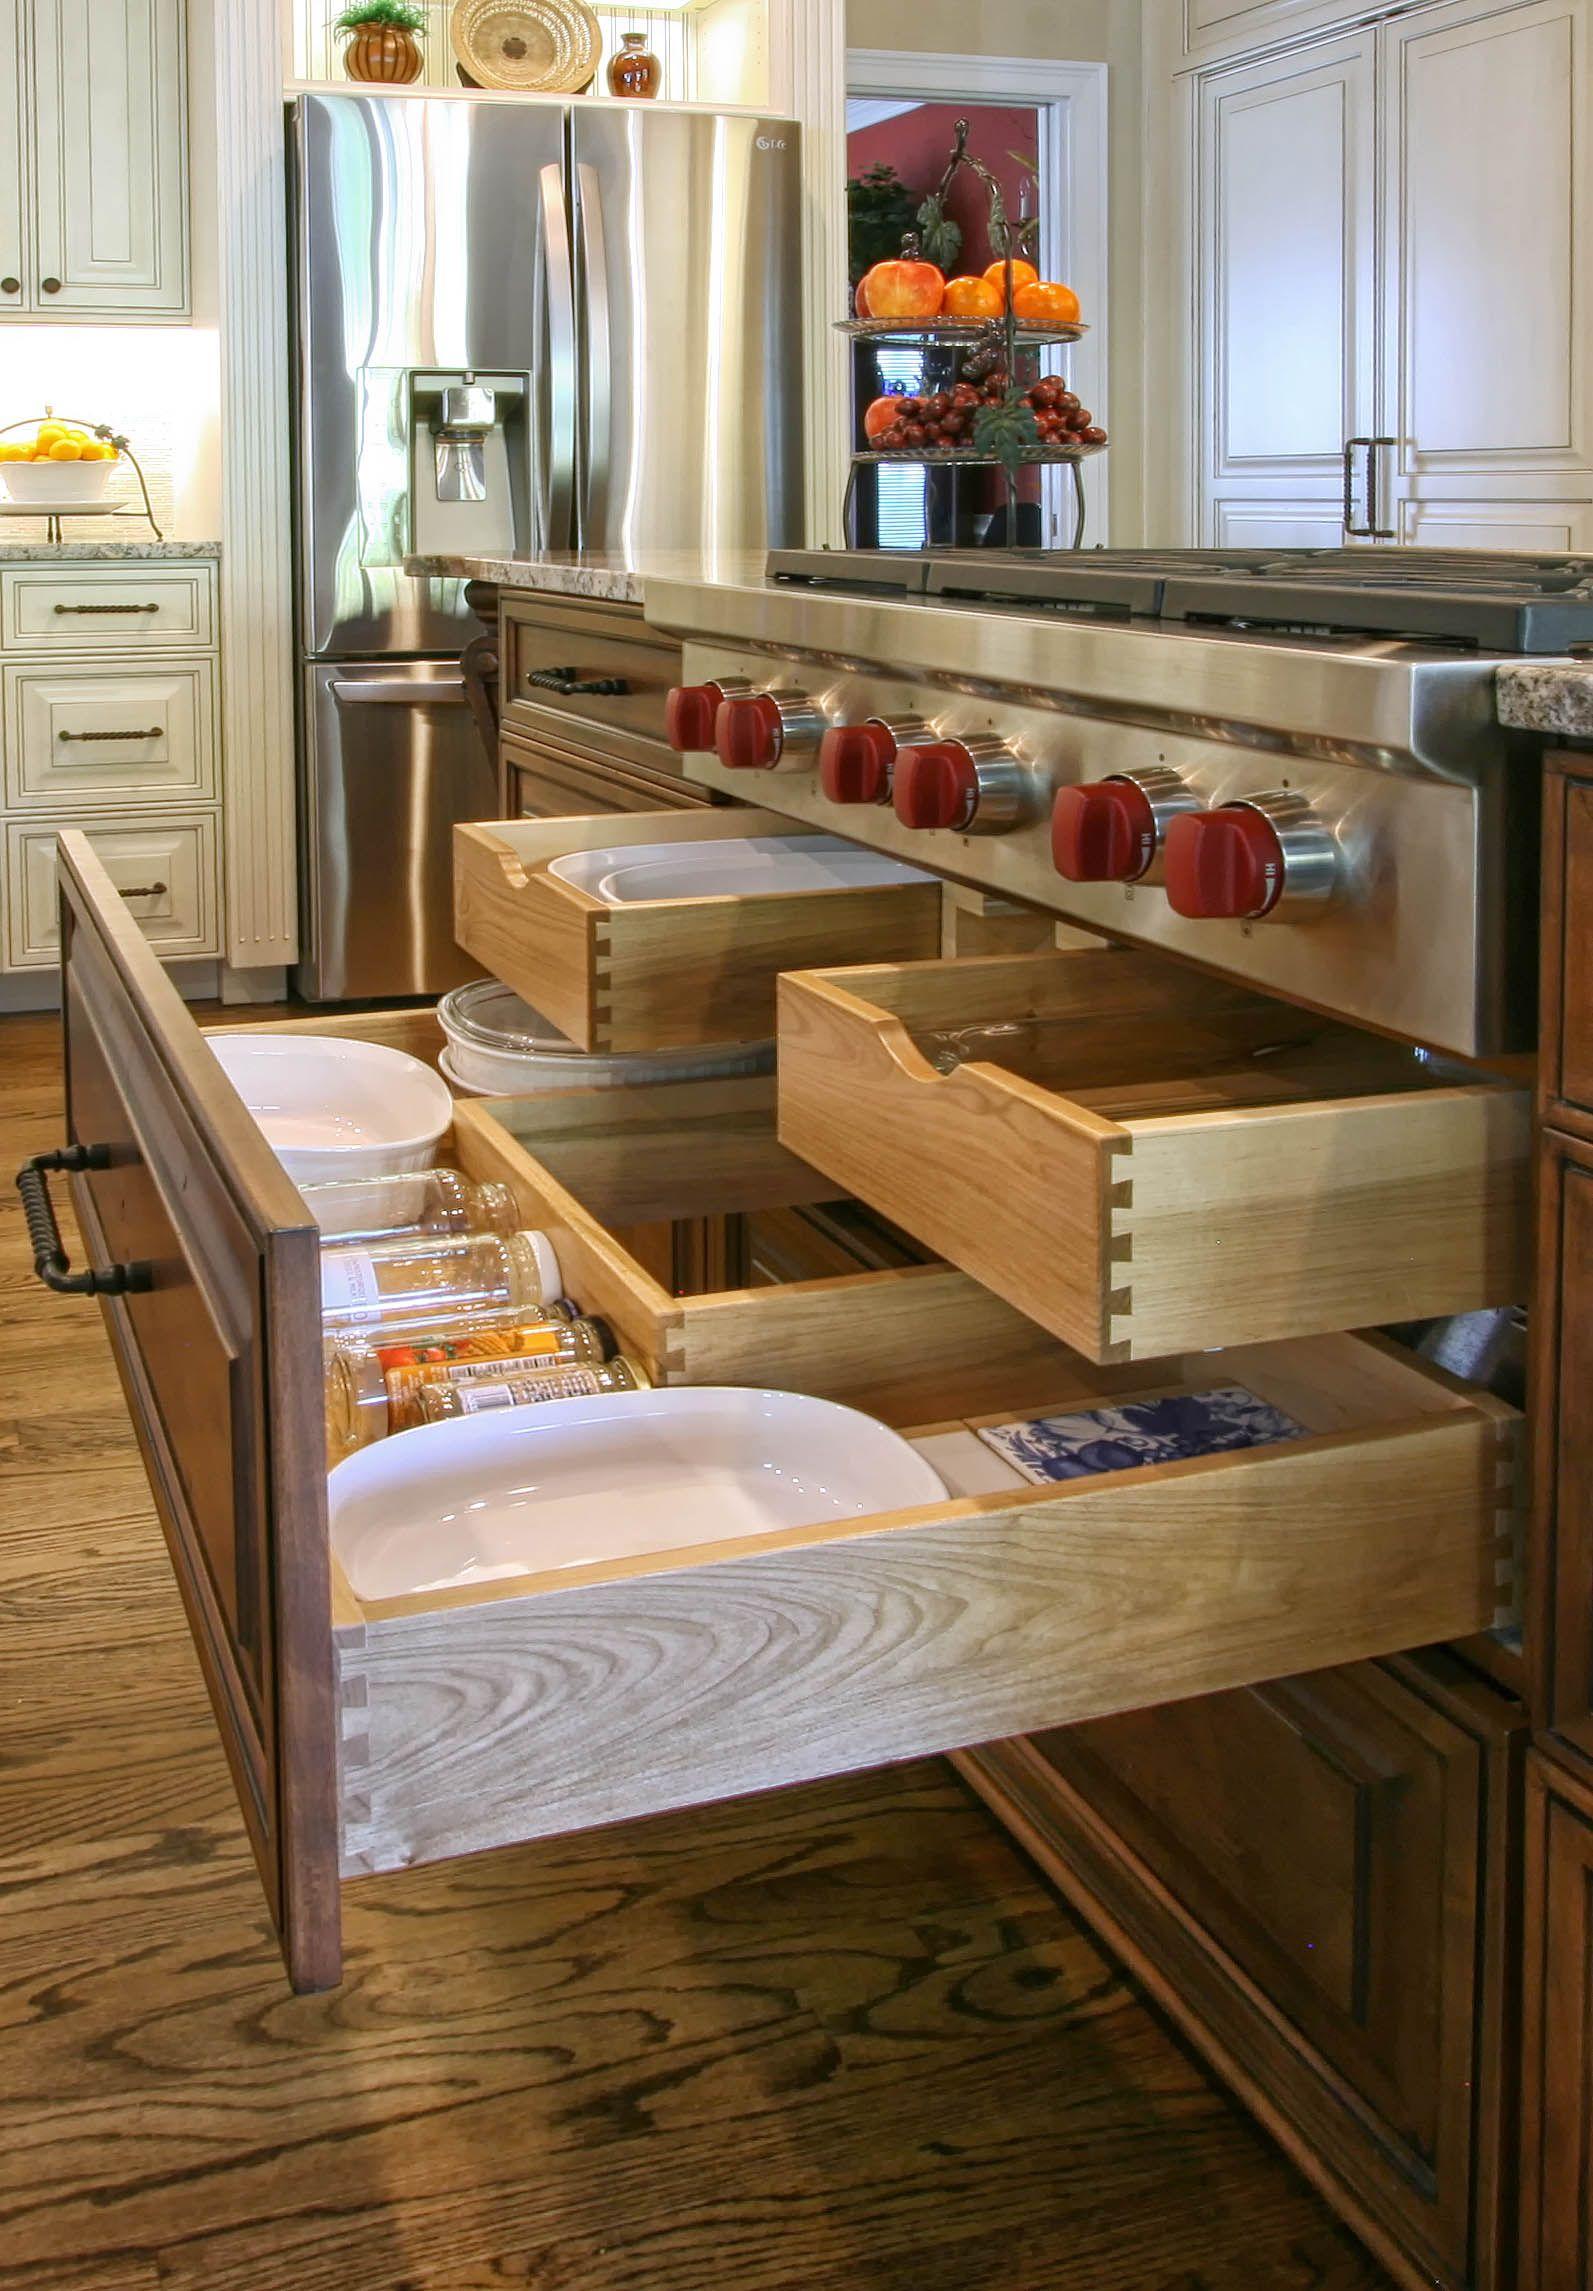 organize your kitchen with custom storage kitchen island design kitchen remodel layout on kitchen organization layout id=21614